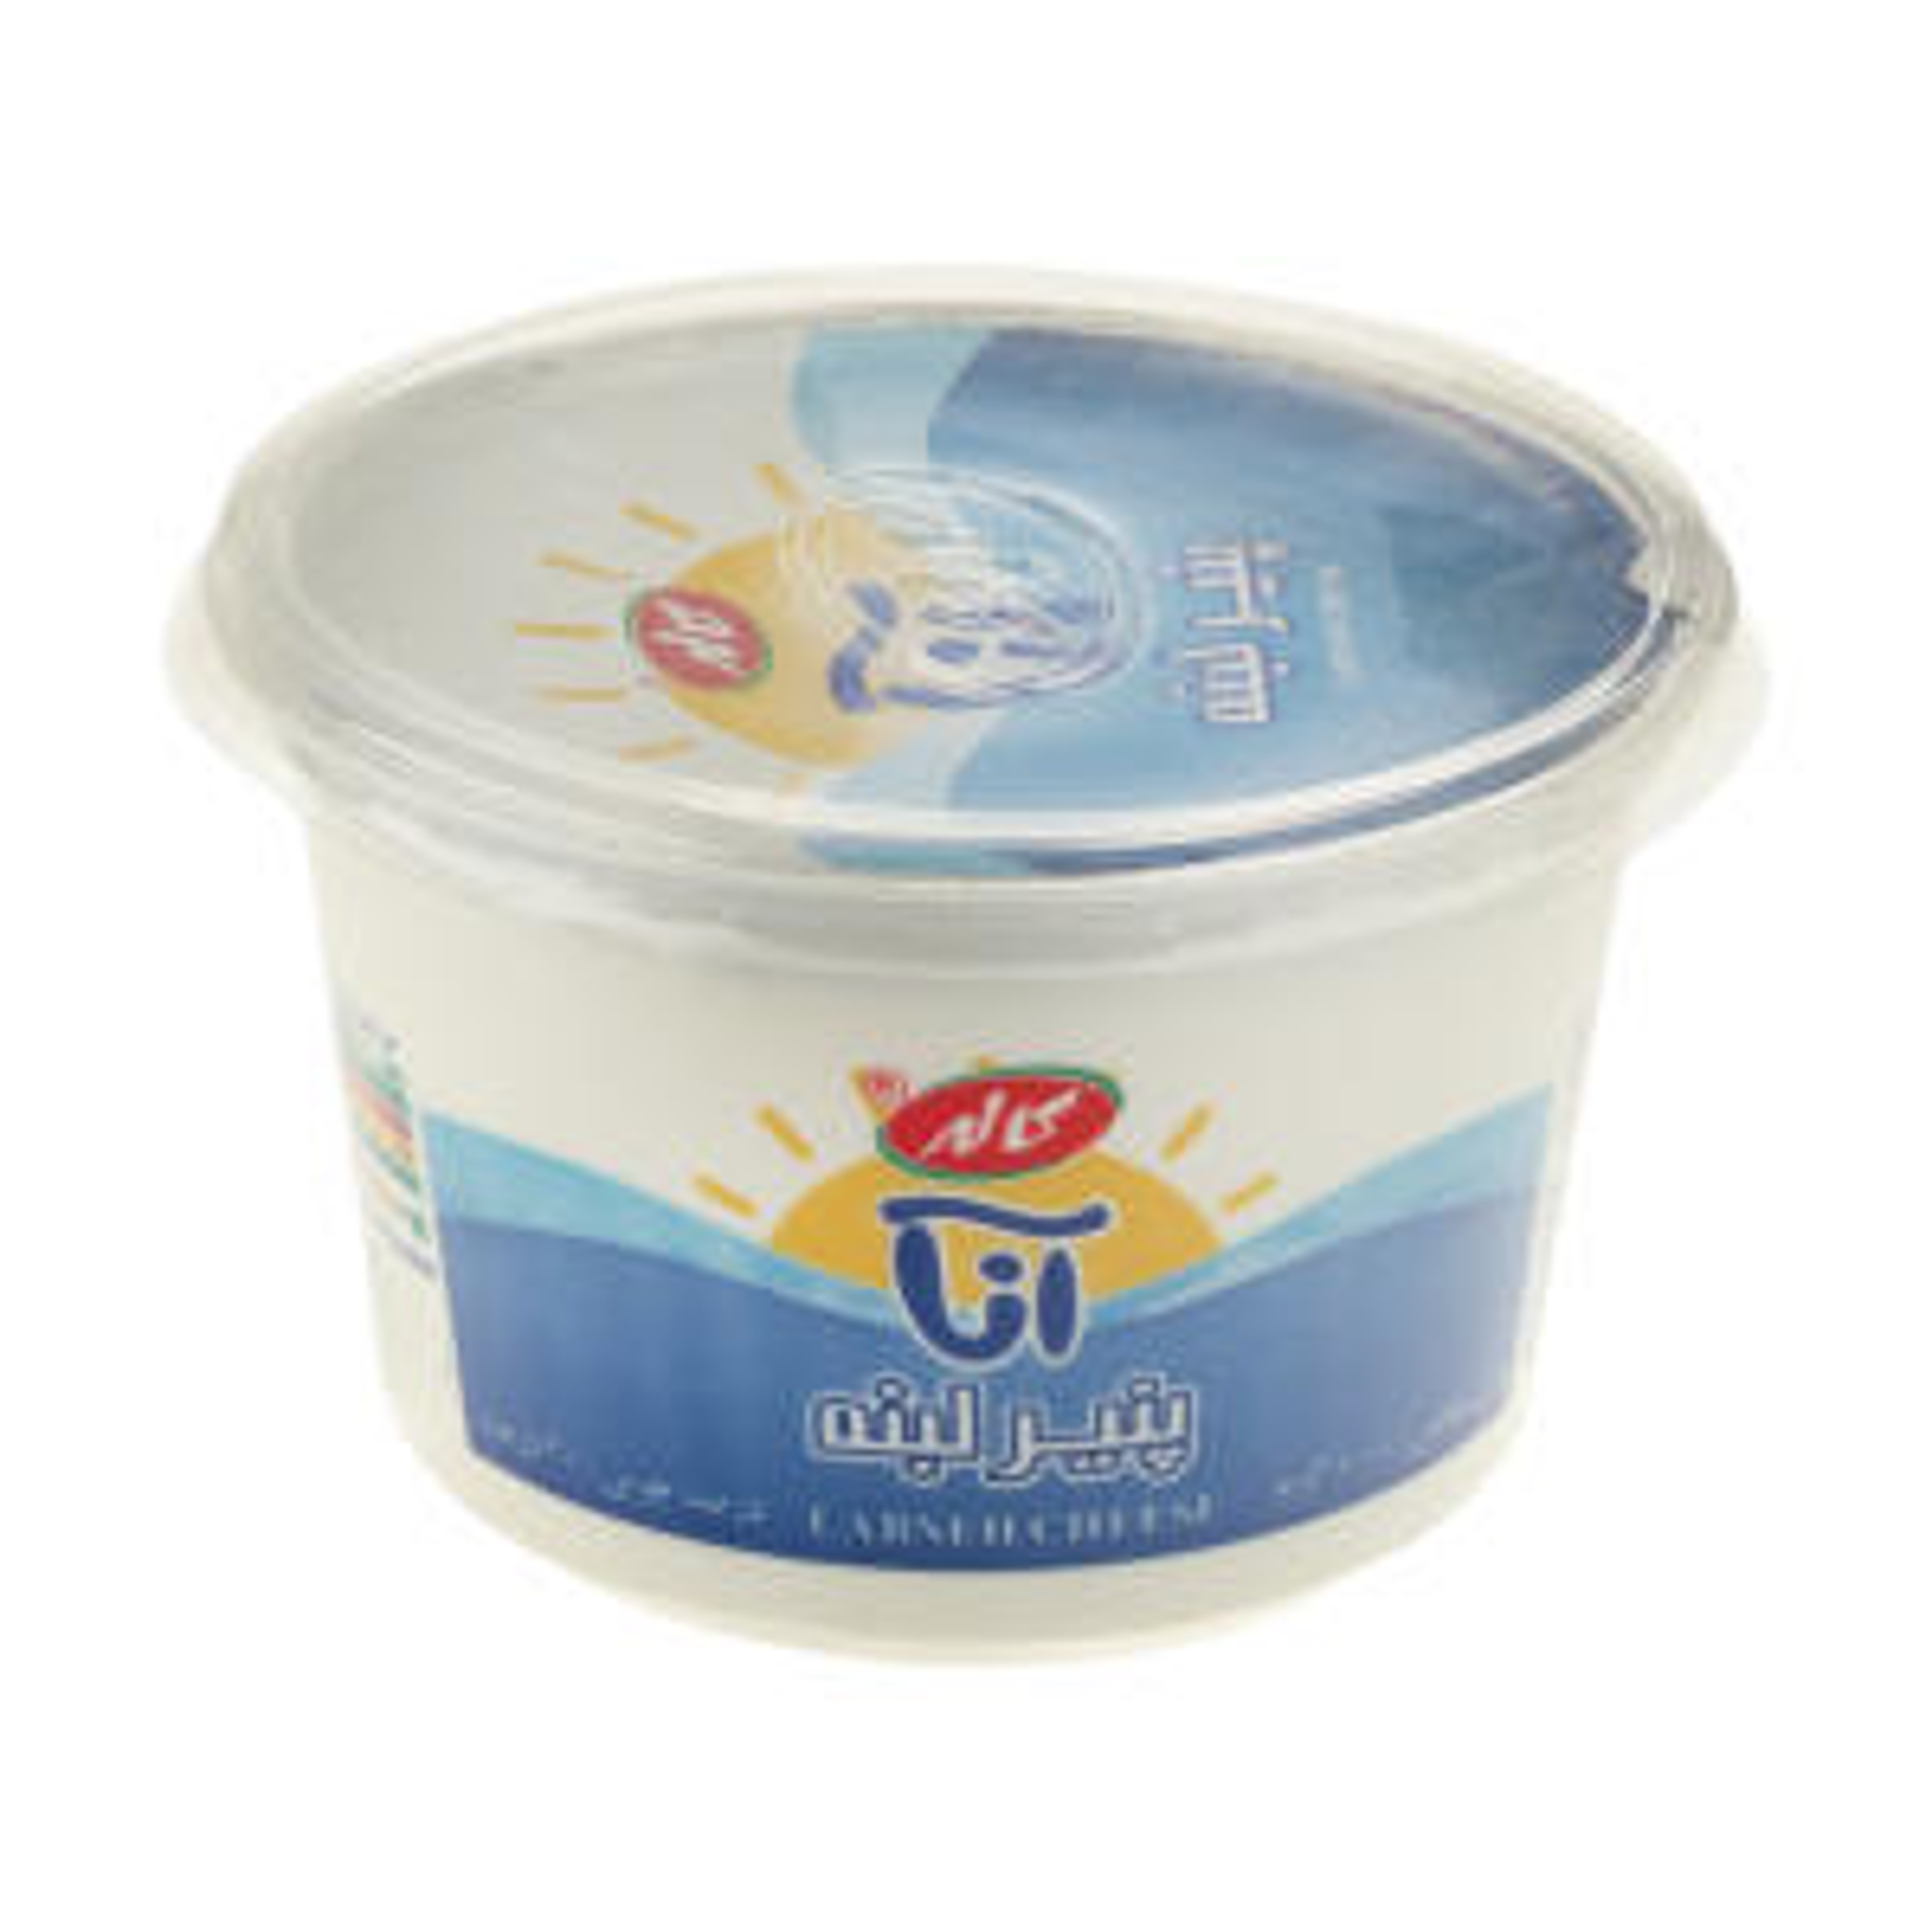 پنیر لبنه کاله - 1 کیلوگرم